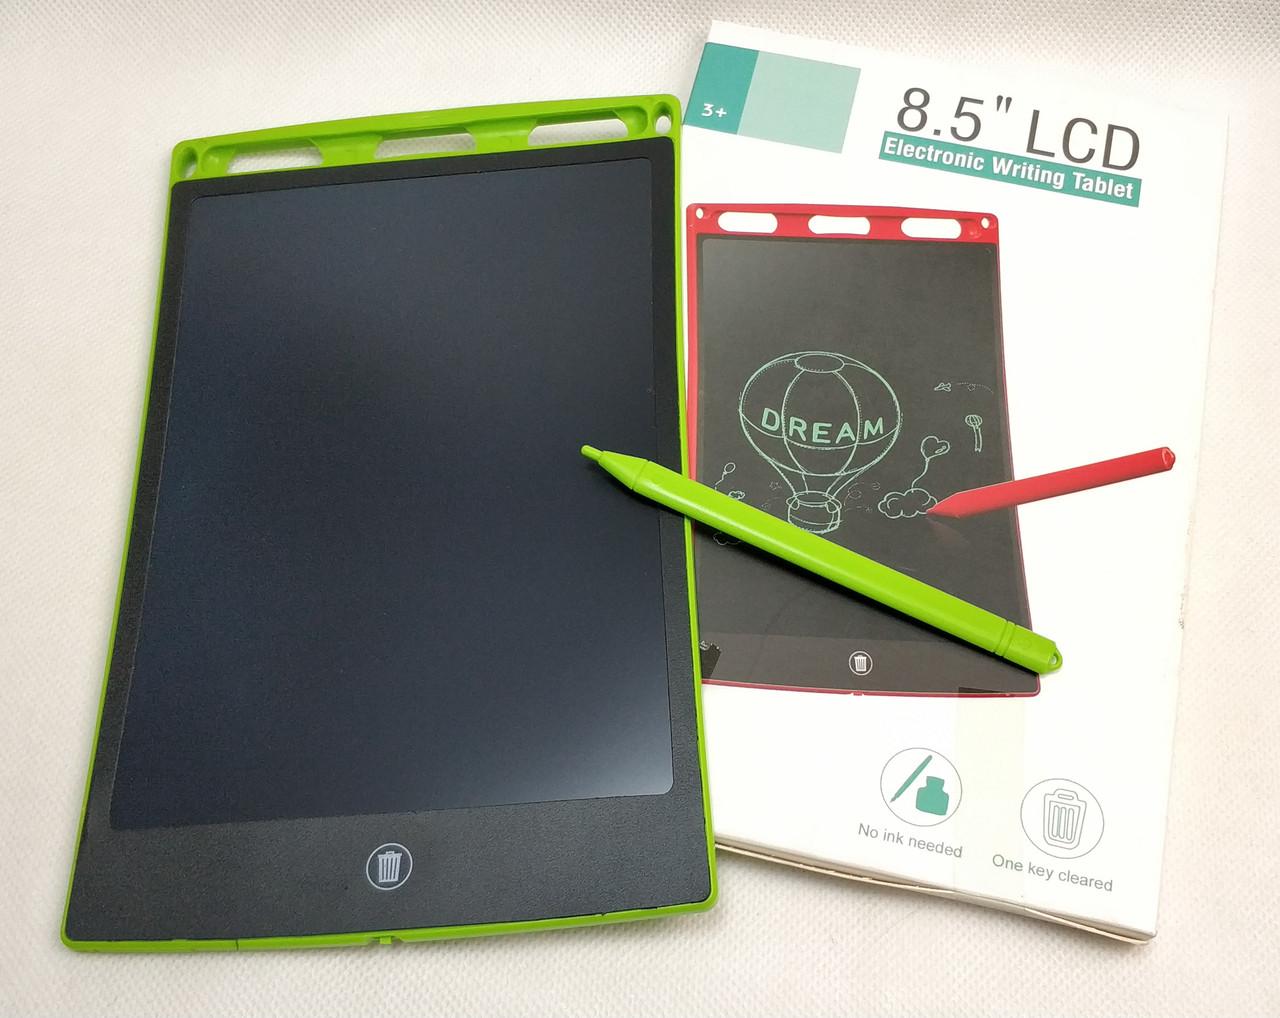 Графический планшет для рисования заметок LCD 8.5 салатовый 85126